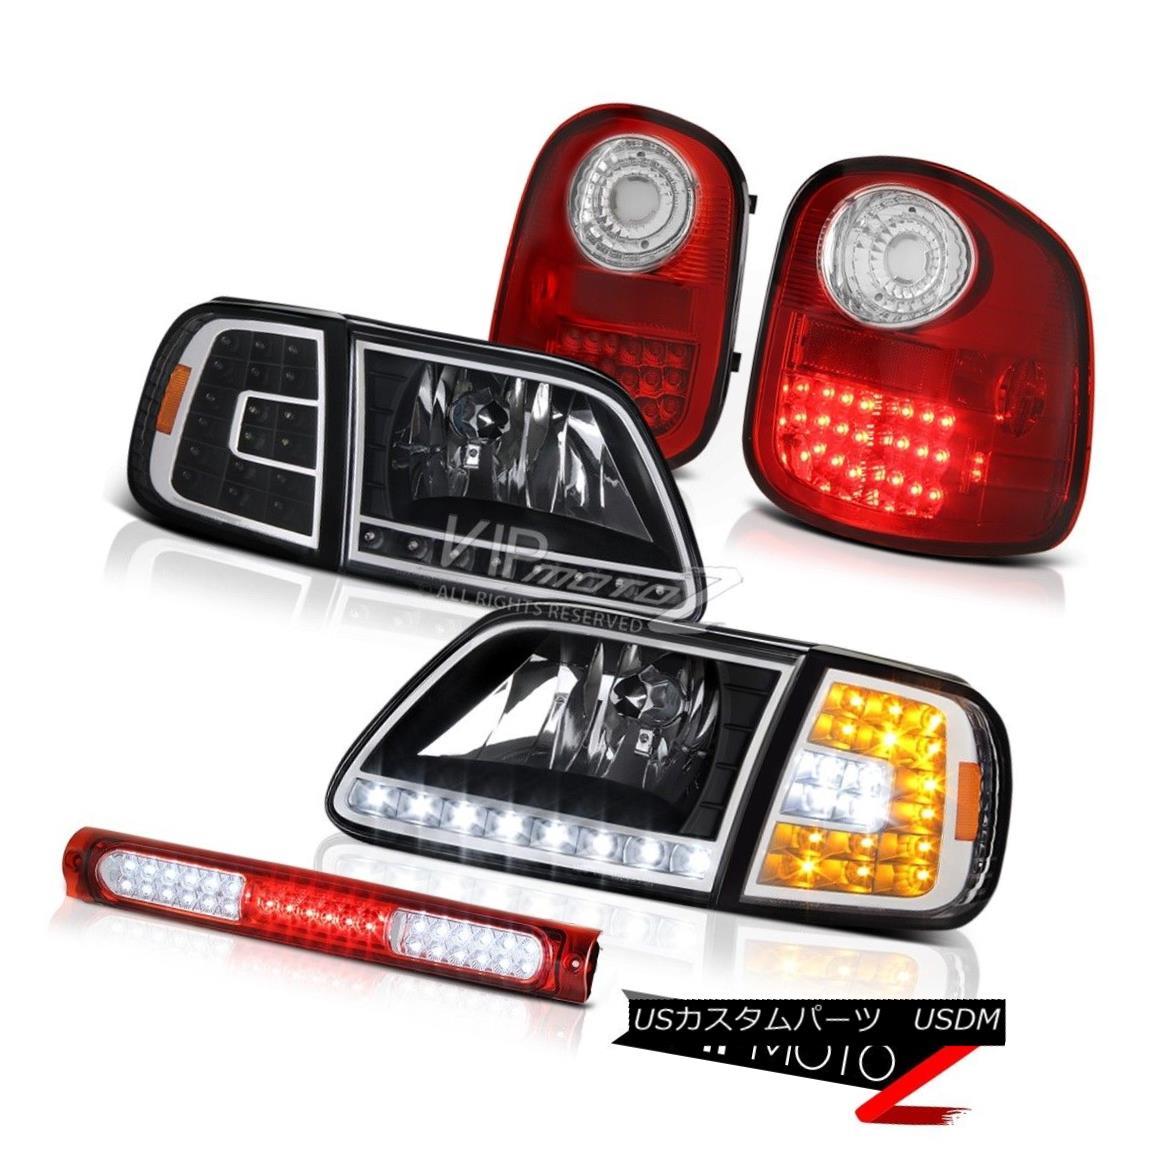 ヘッドライト Black SMD Headlamp LED Signal Red 3rd Brake 97-03 F150 Flareside Harley Davidson ブラックSMDヘッドランプLED信号レッド第3ブレーキ97-03 F150 Flareside Harley Davidson